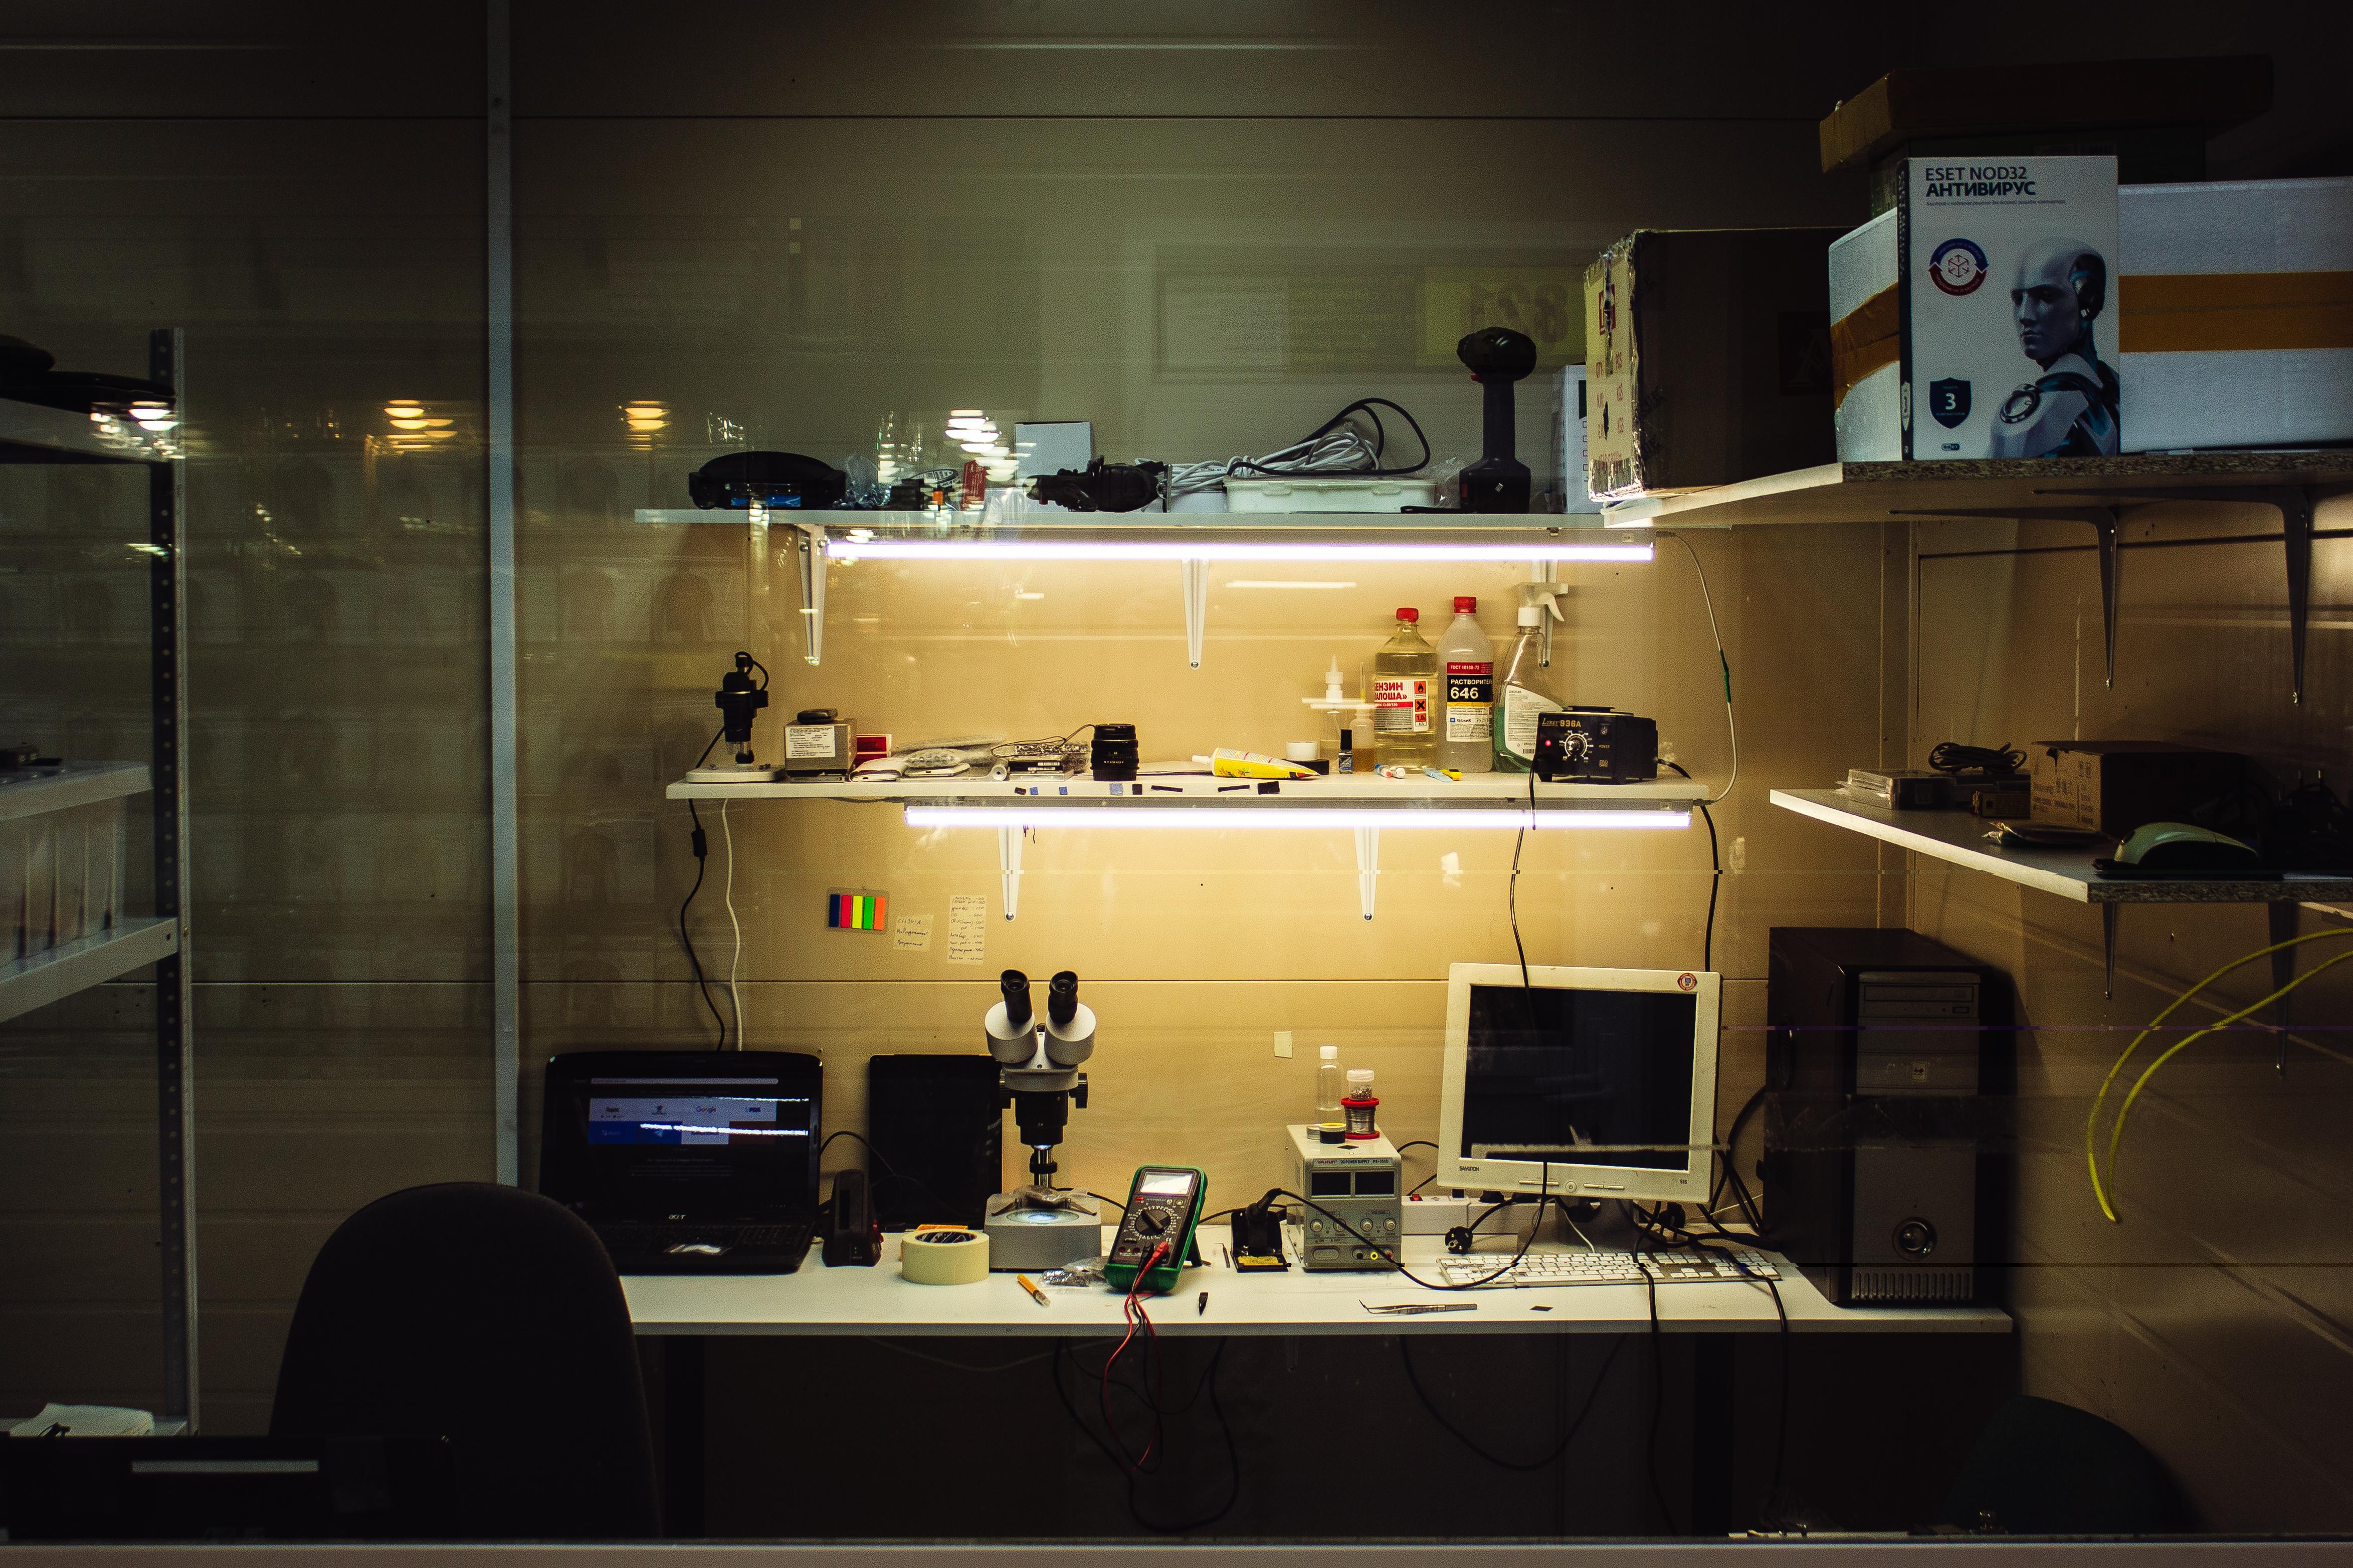 Сервисный центр по ремонту электроники в МСК и МО